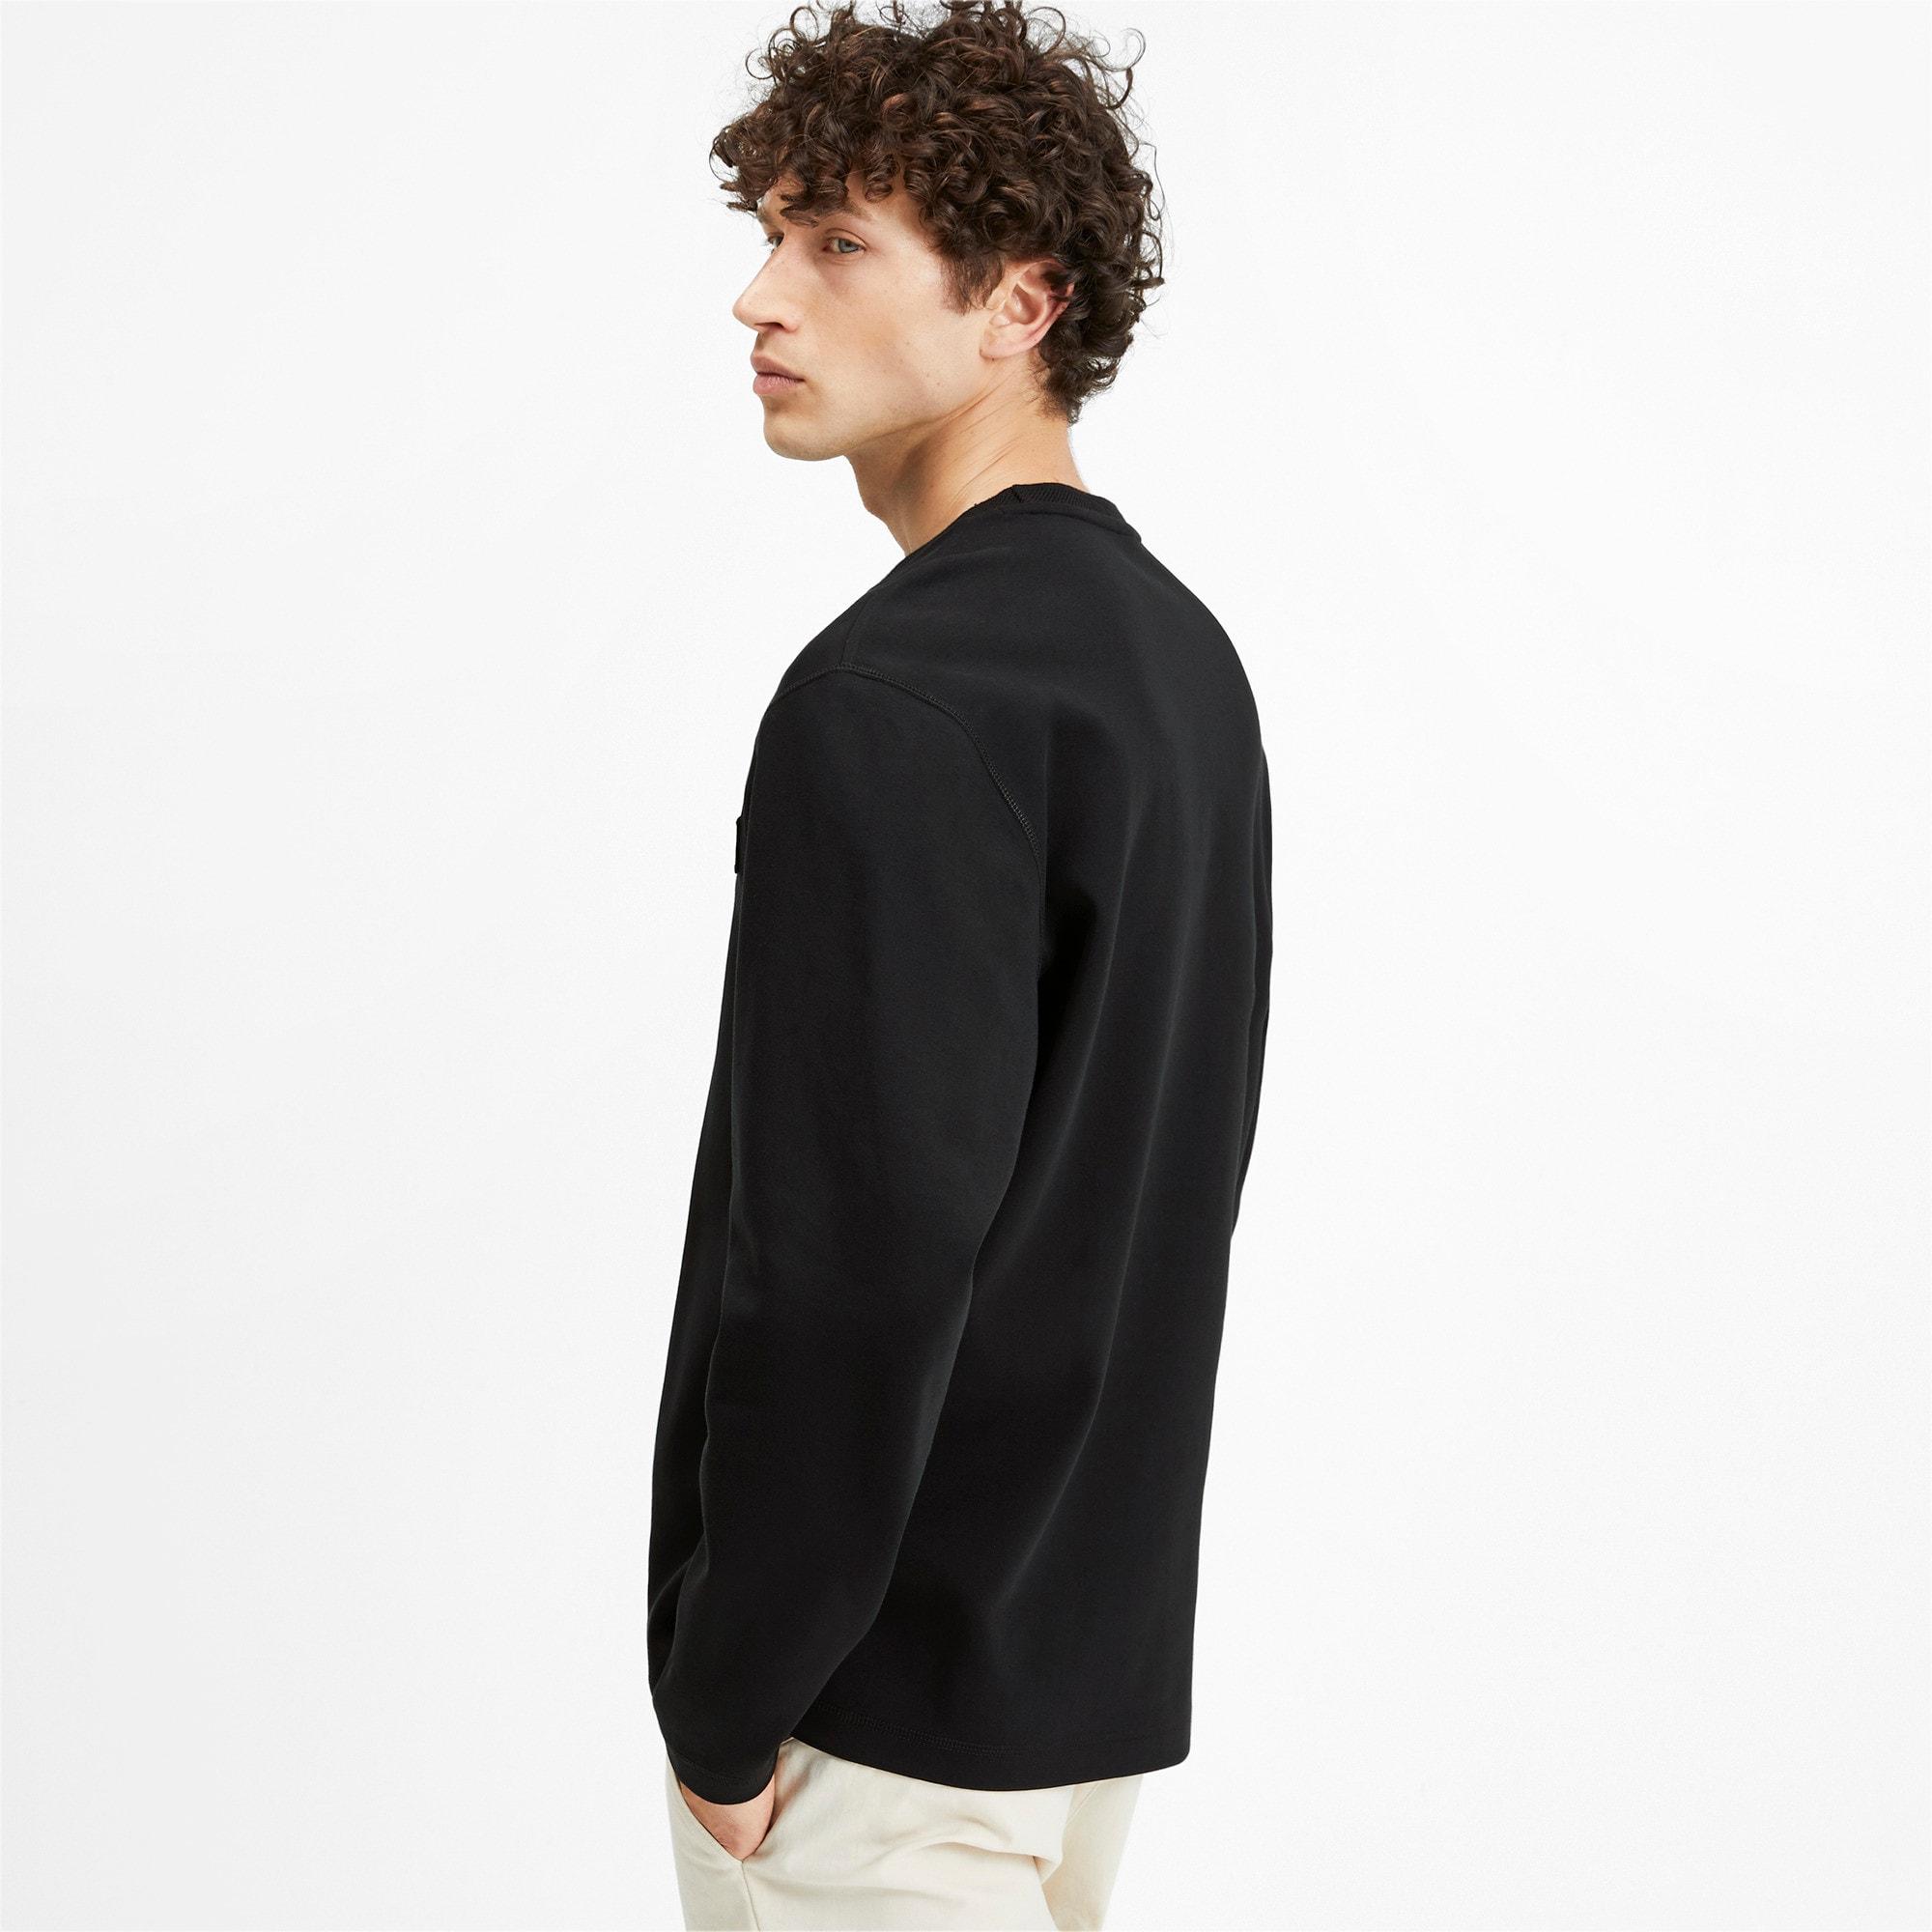 Thumbnail 2 of Fusion Crew Neck Men's Sweater, Puma Black, medium